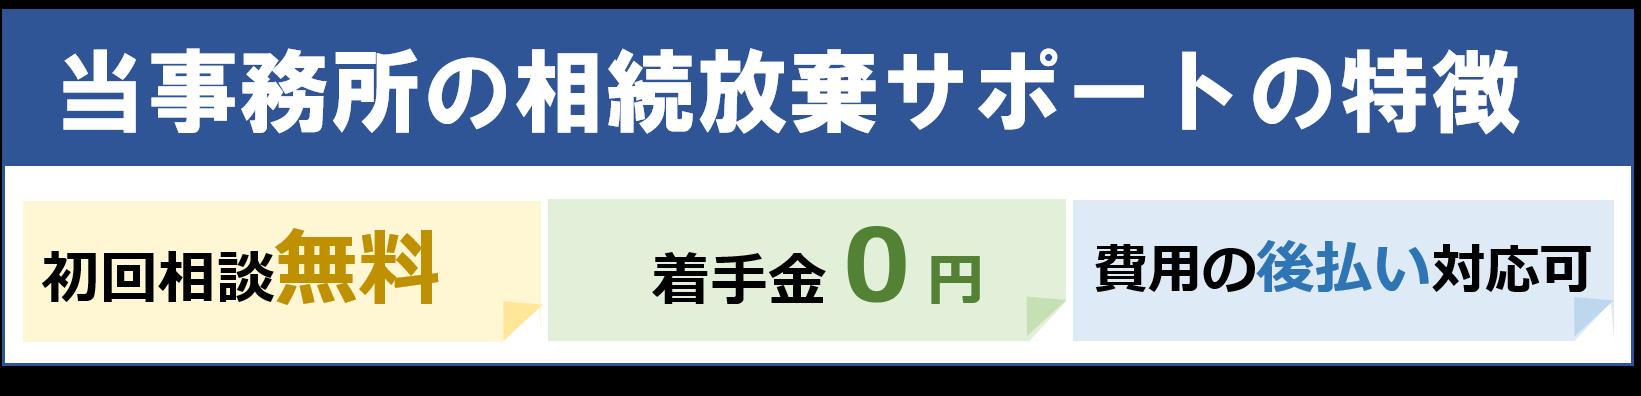 相続放棄サポート 着手金0円・後払い可